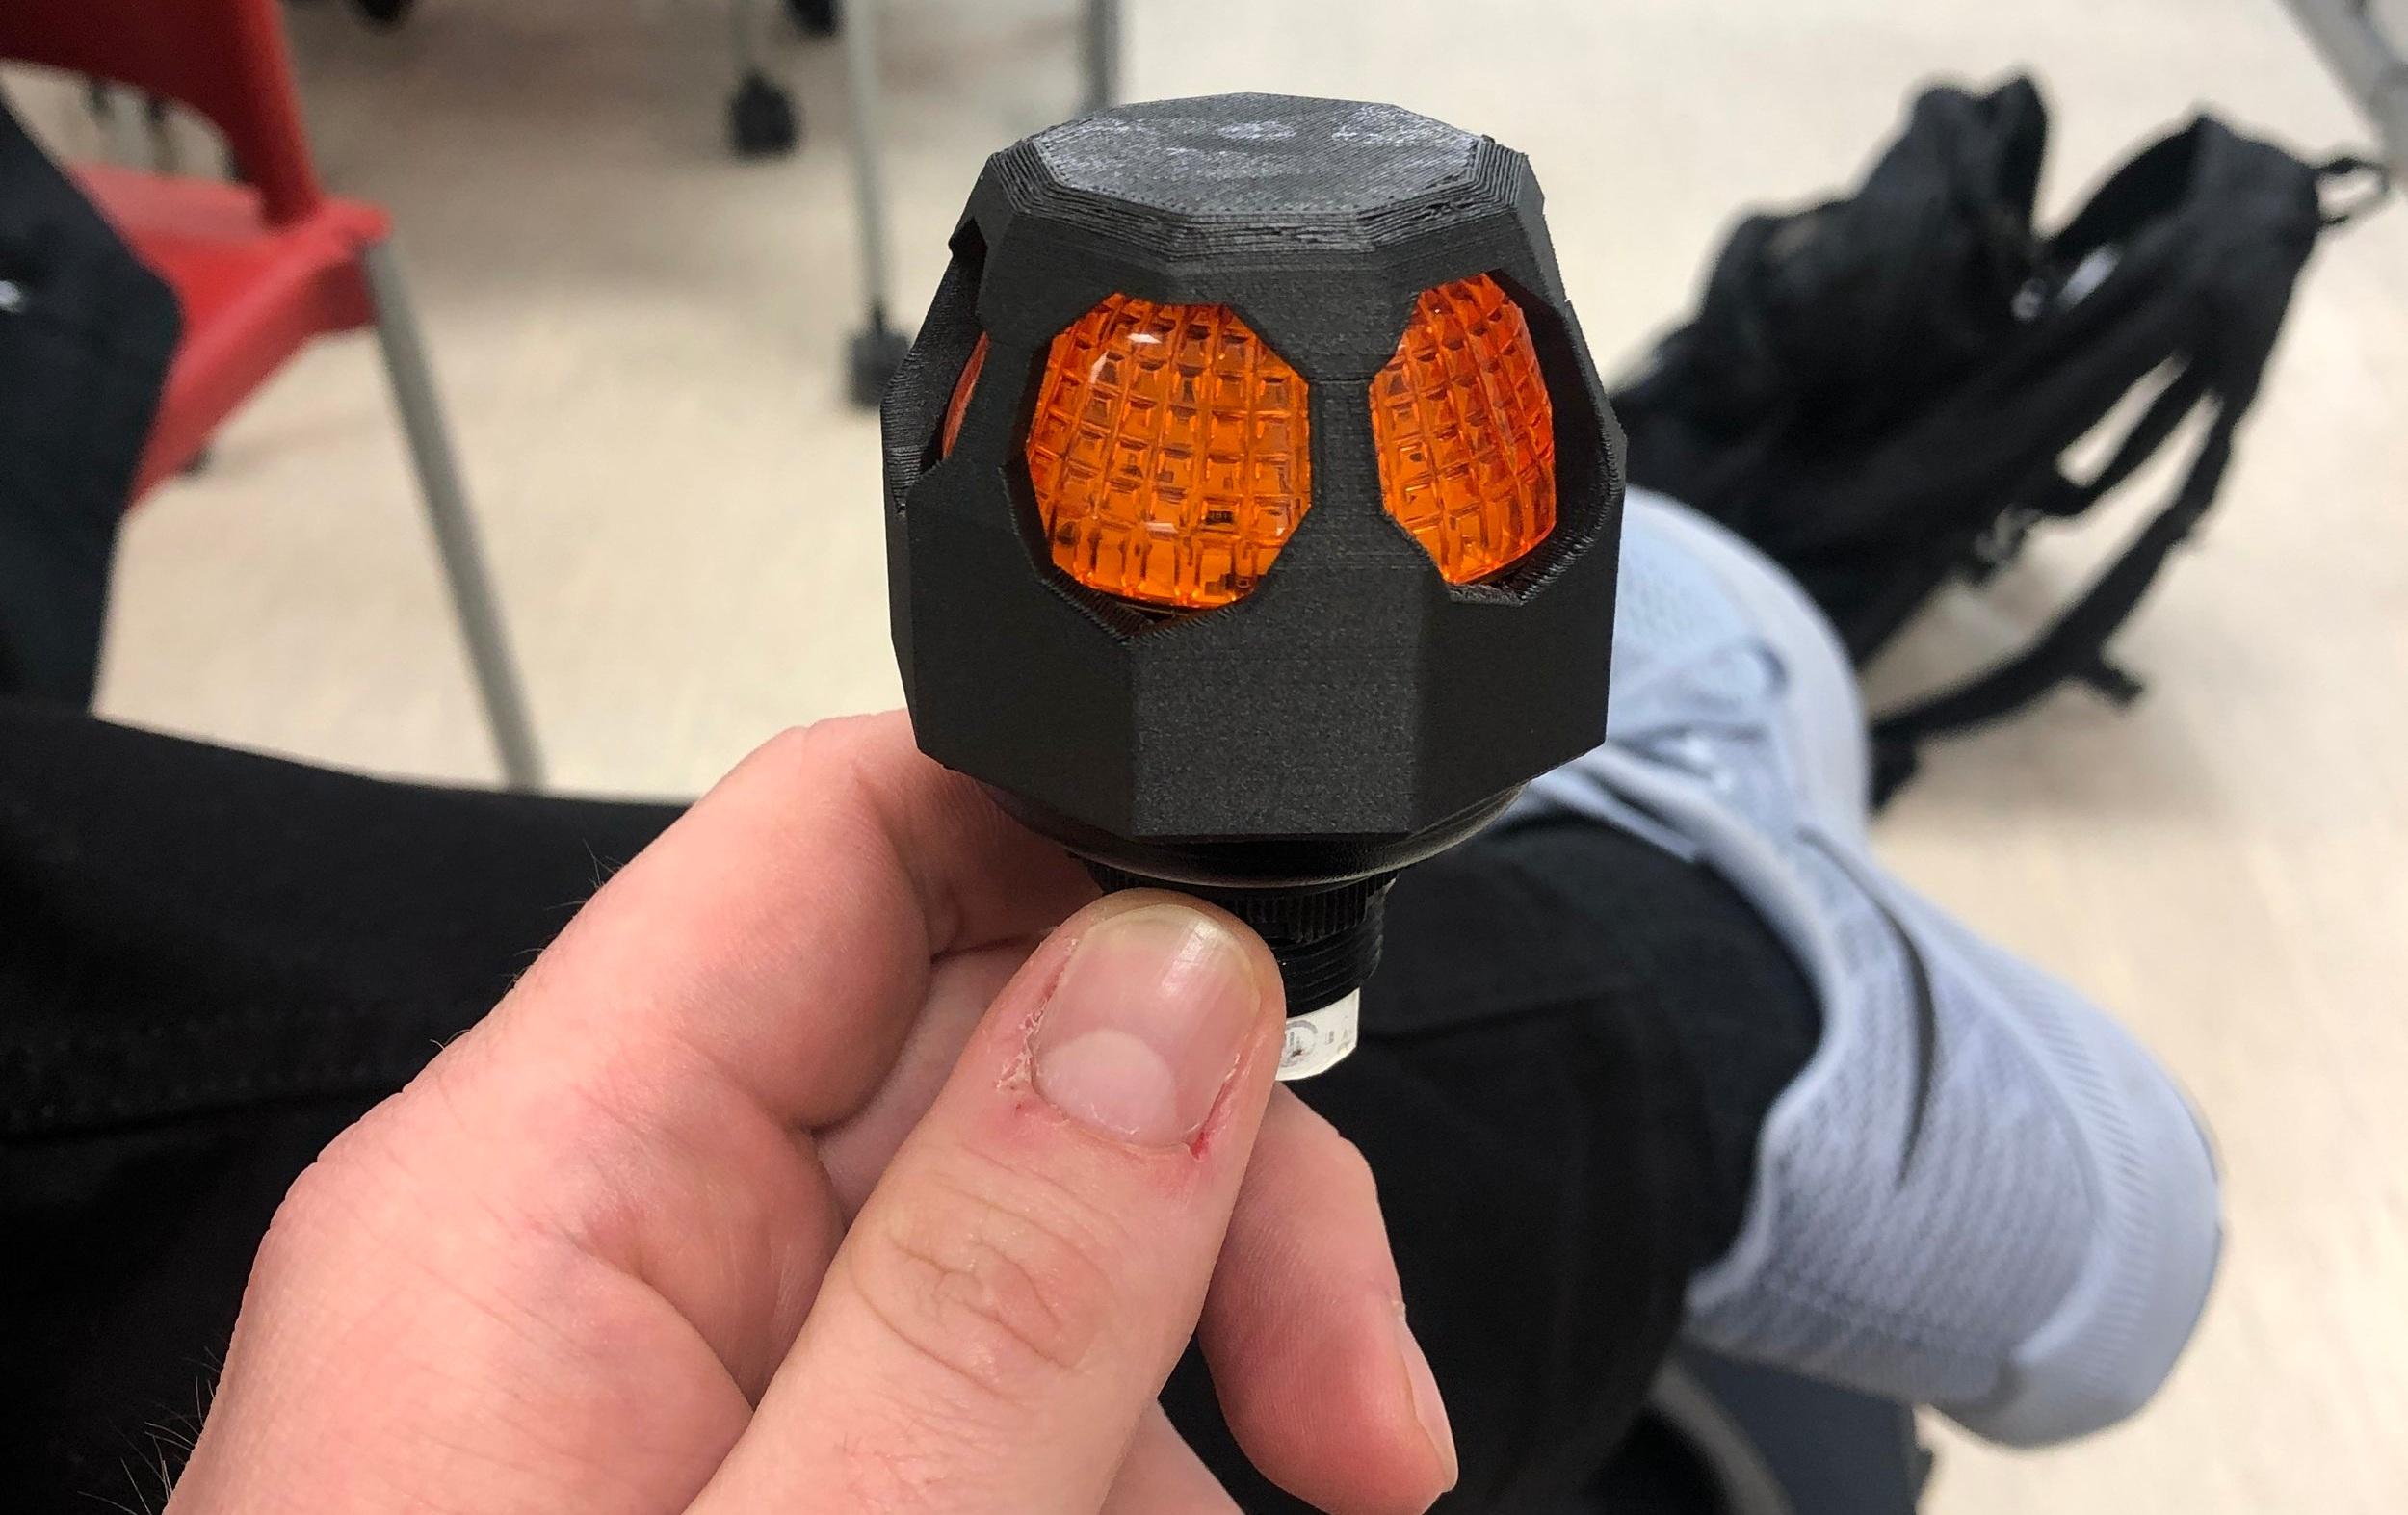 Robot Signal Light - Still signals, but now 148% more black!